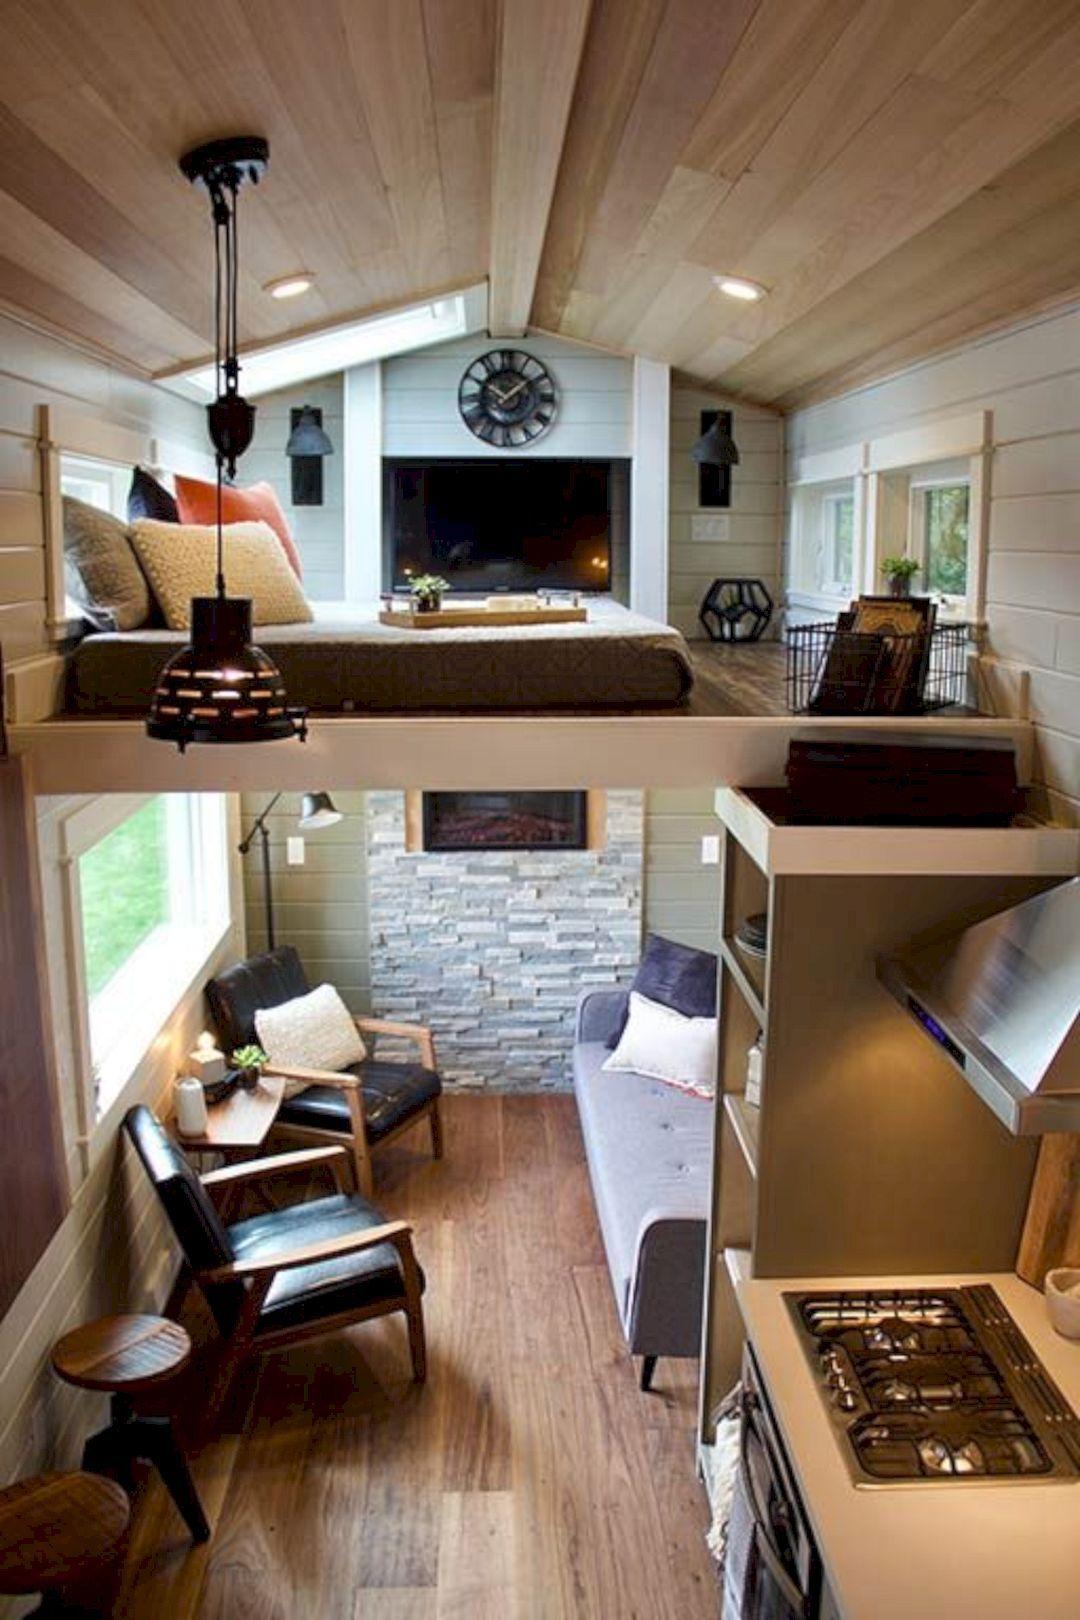 18 Tiny House Furniture Ideas  Wohnen auf engstem raum, Wohnen